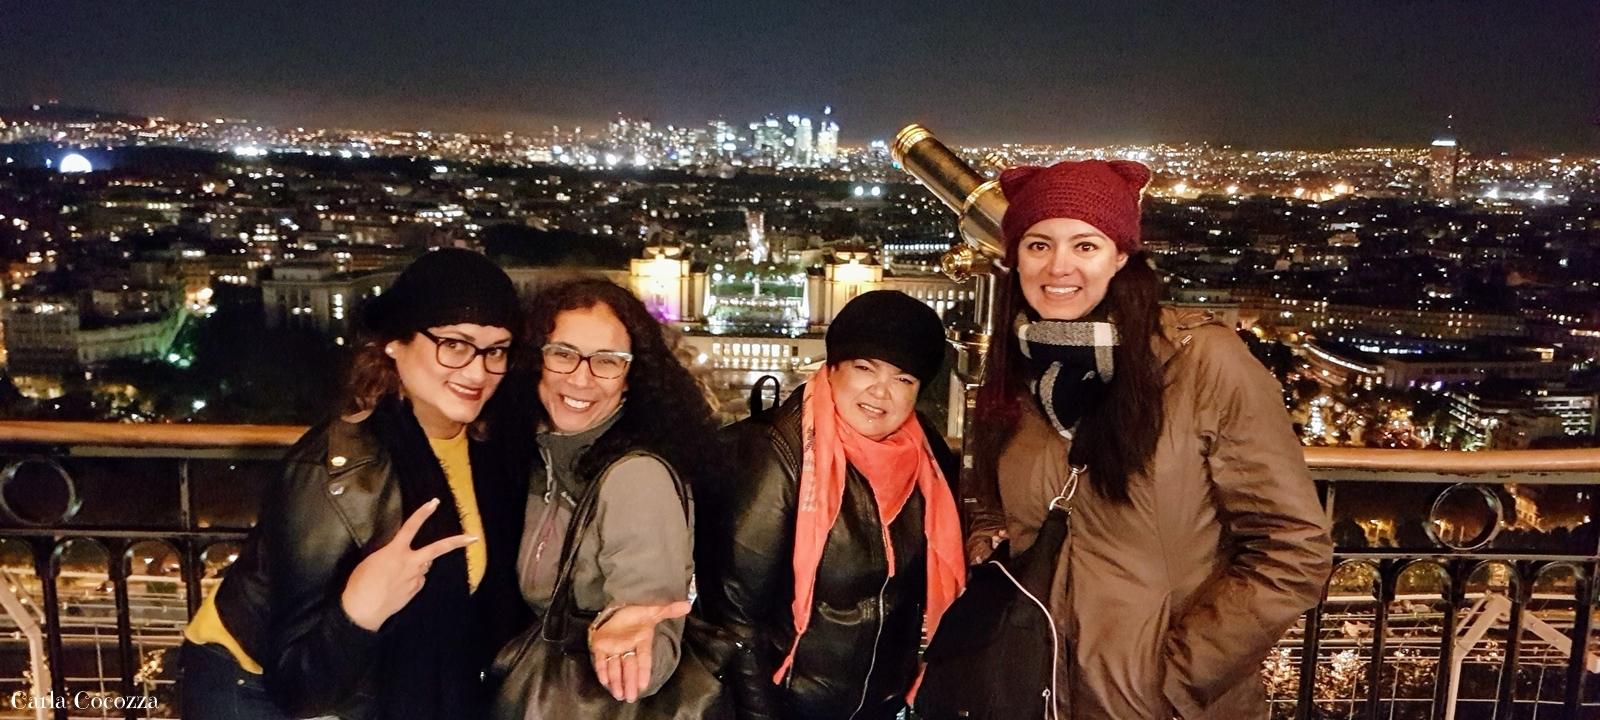 Circuito Y Misterios : Previo al gp de china el circuito del misterio chicas racing